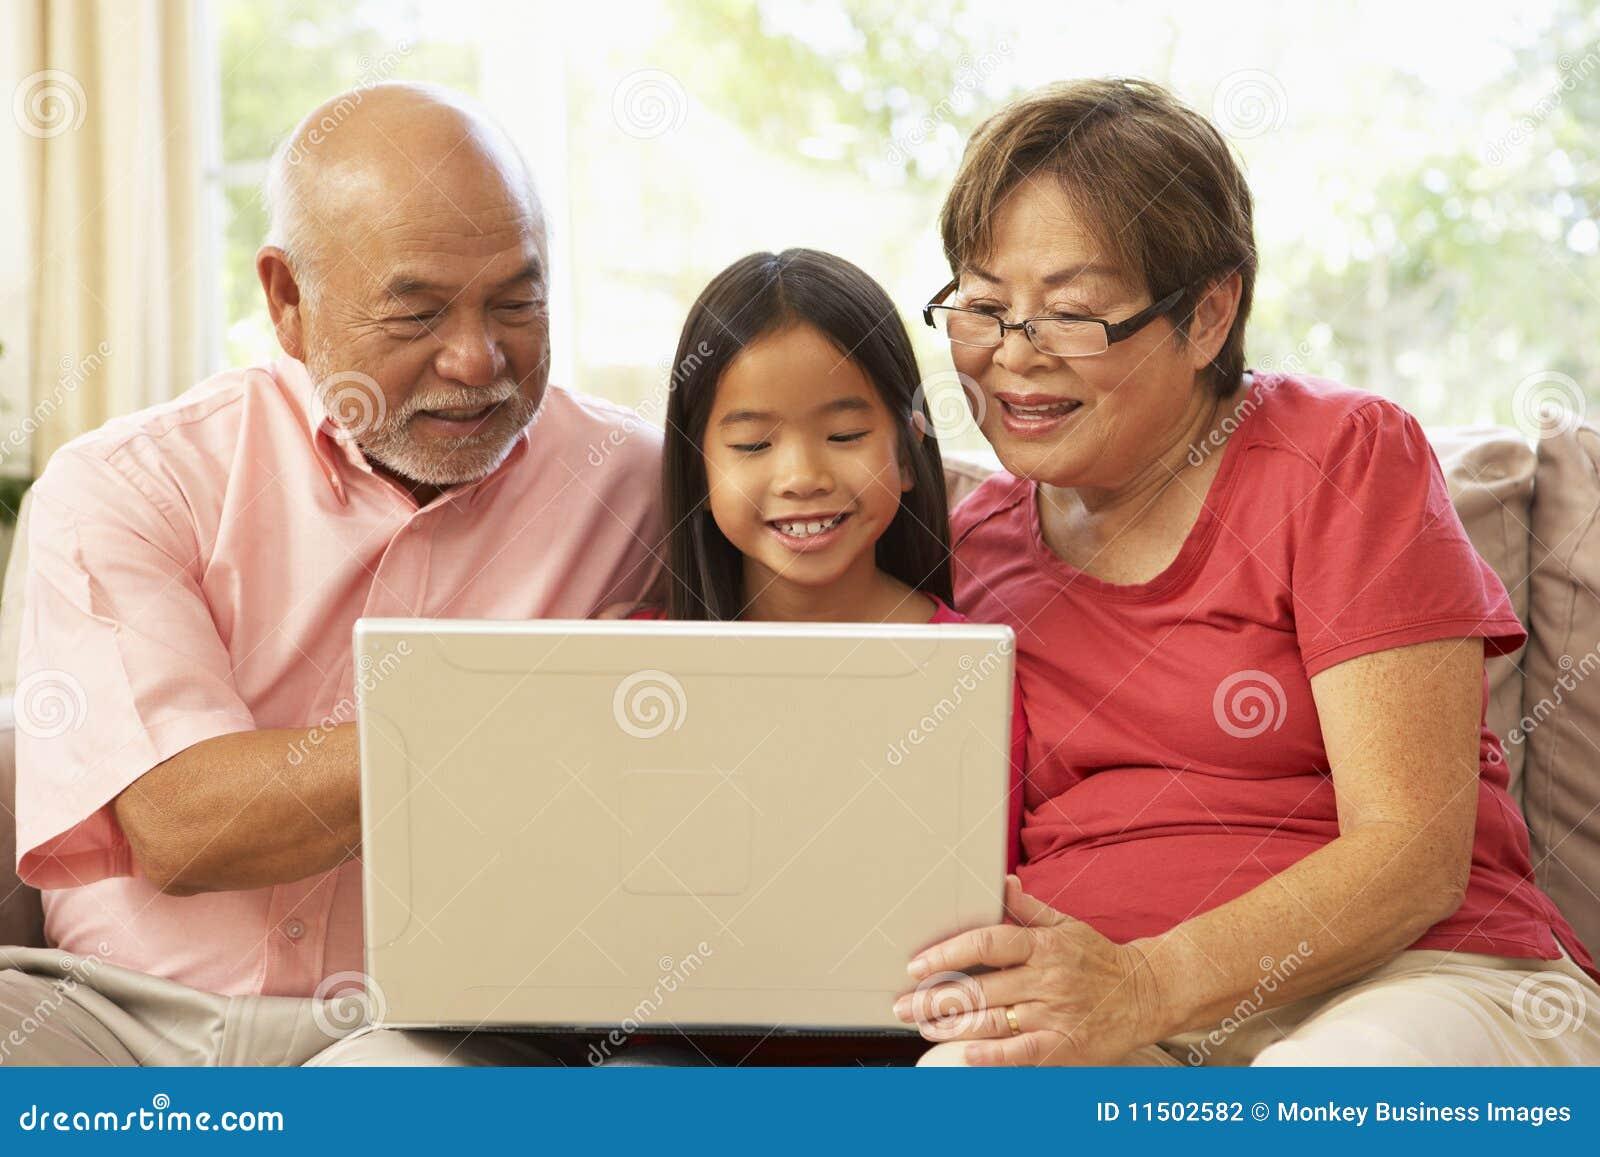 Смотреть внучка и дед 3 фотография